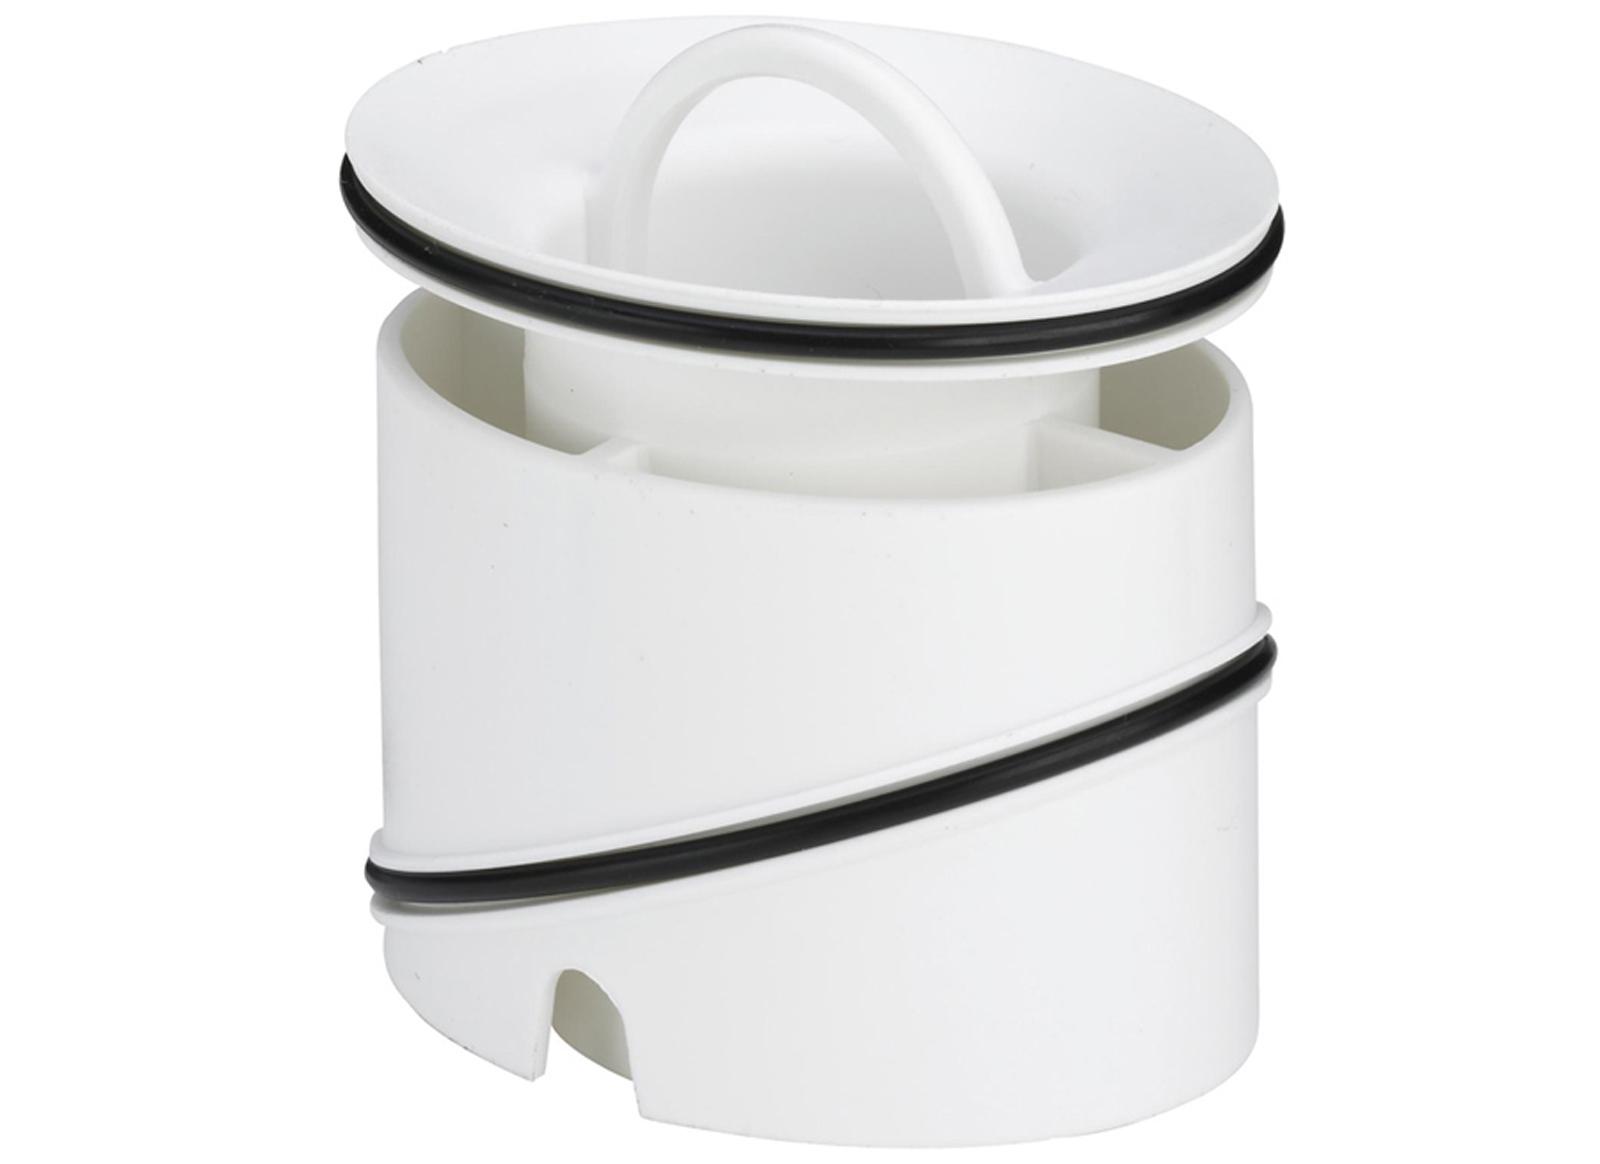 viega tauchrohr einsatz tempoplex dusche ablauf siphon sifon 2001 2006 450229 ebay. Black Bedroom Furniture Sets. Home Design Ideas